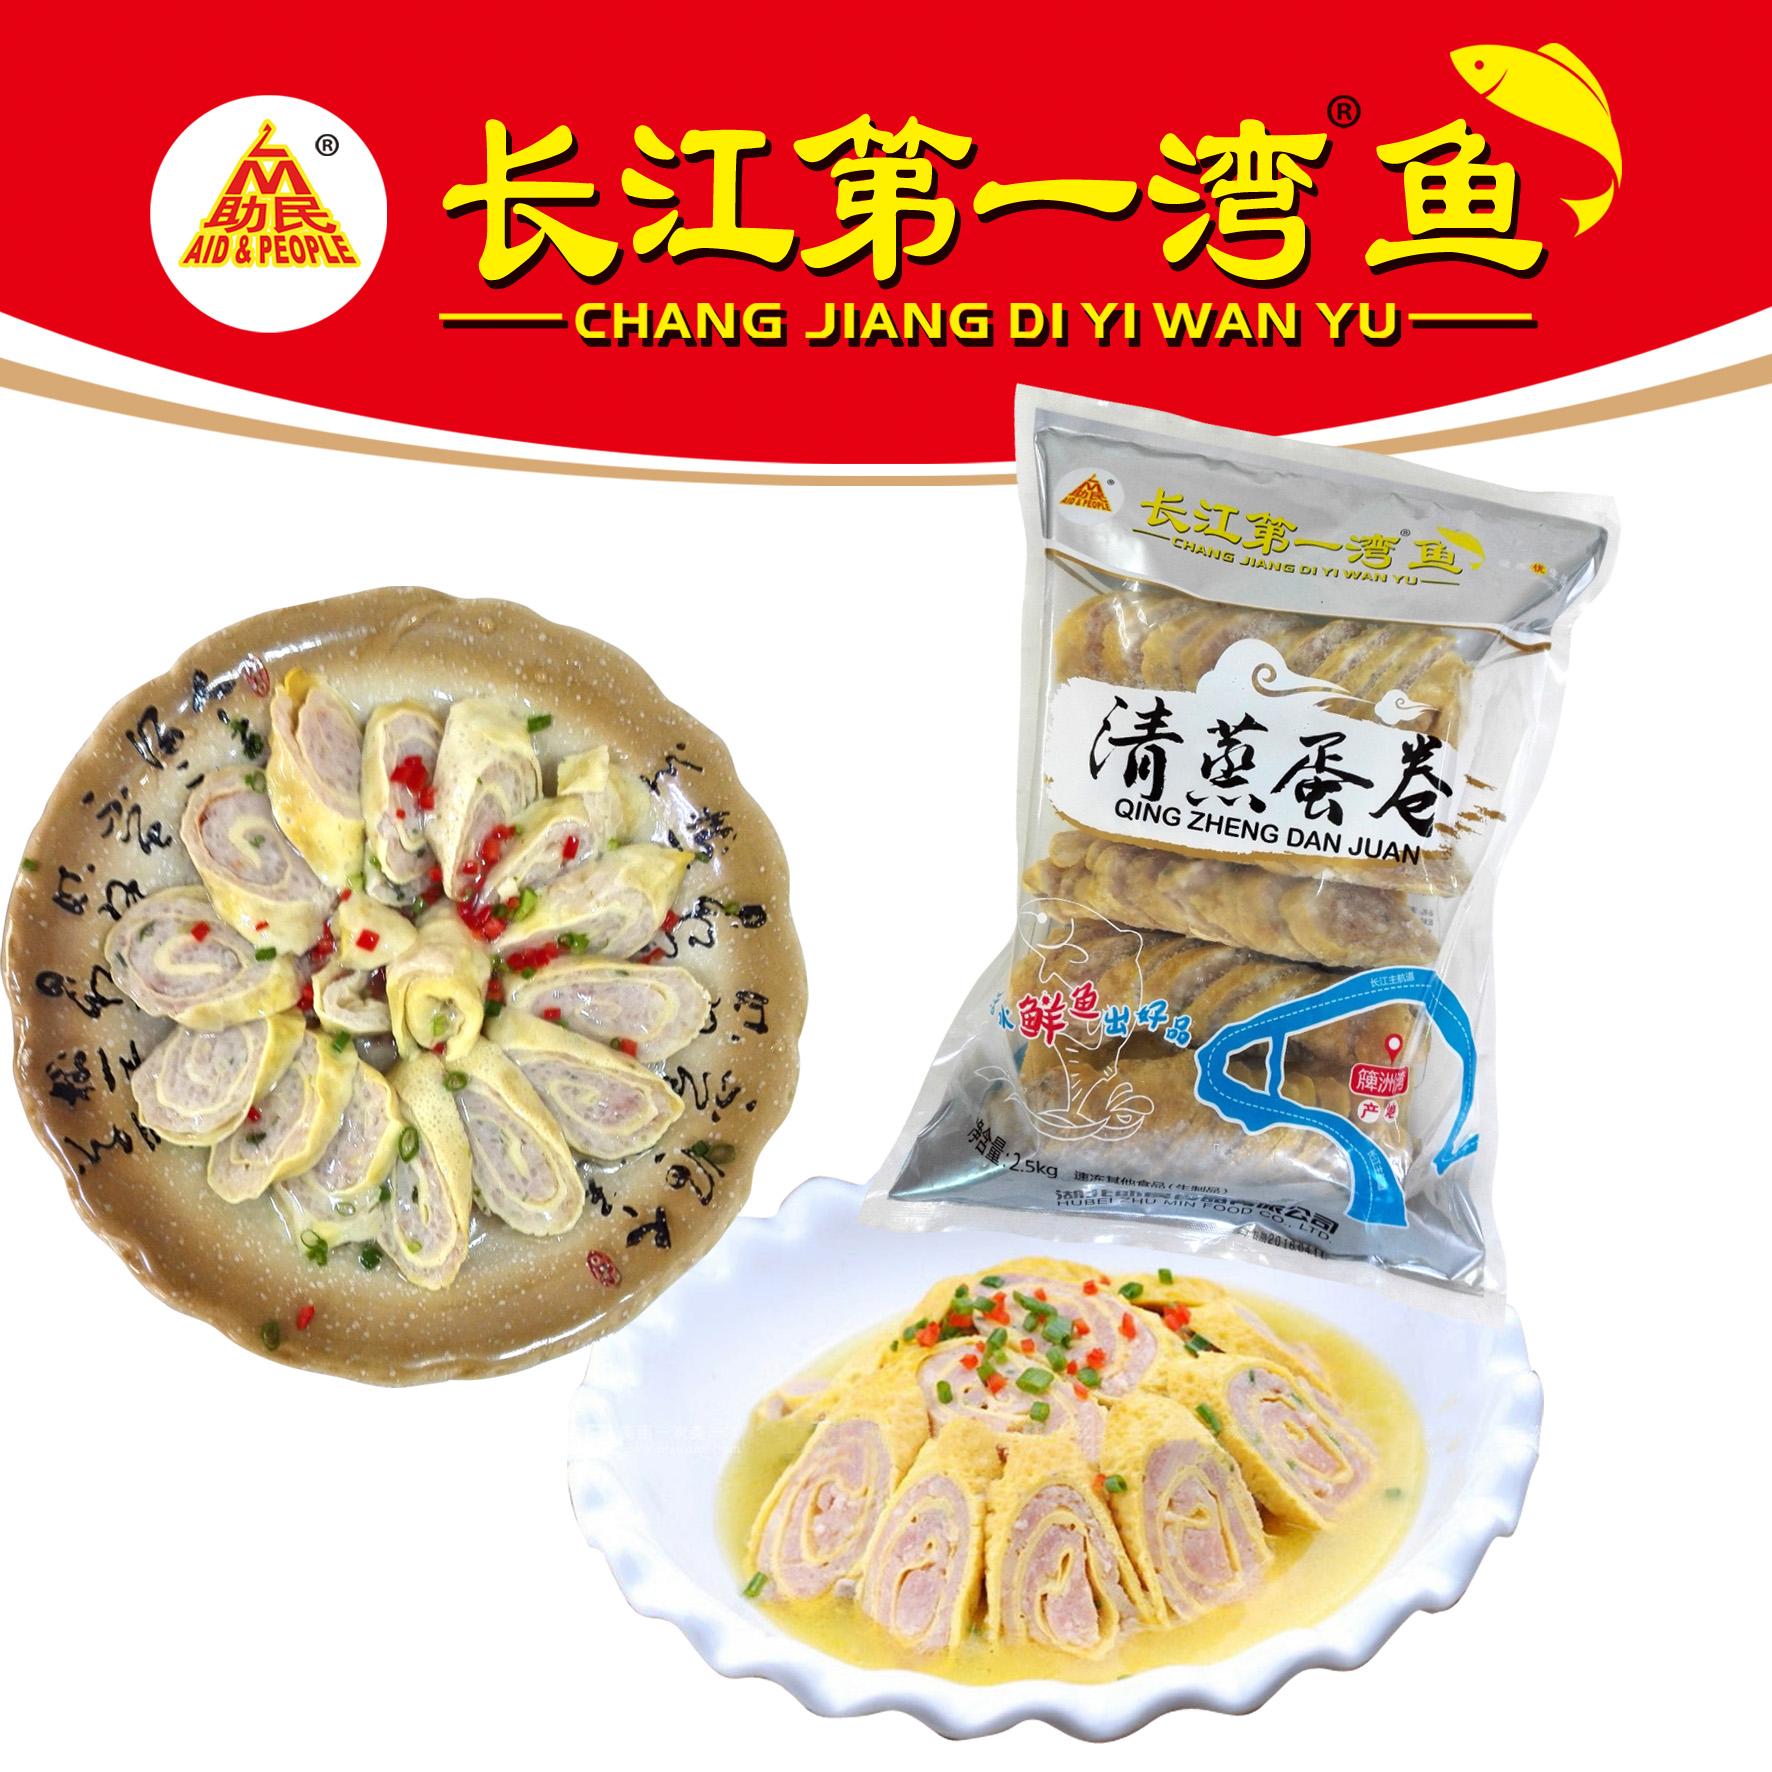 清蒸蛋卷(2.5KG)